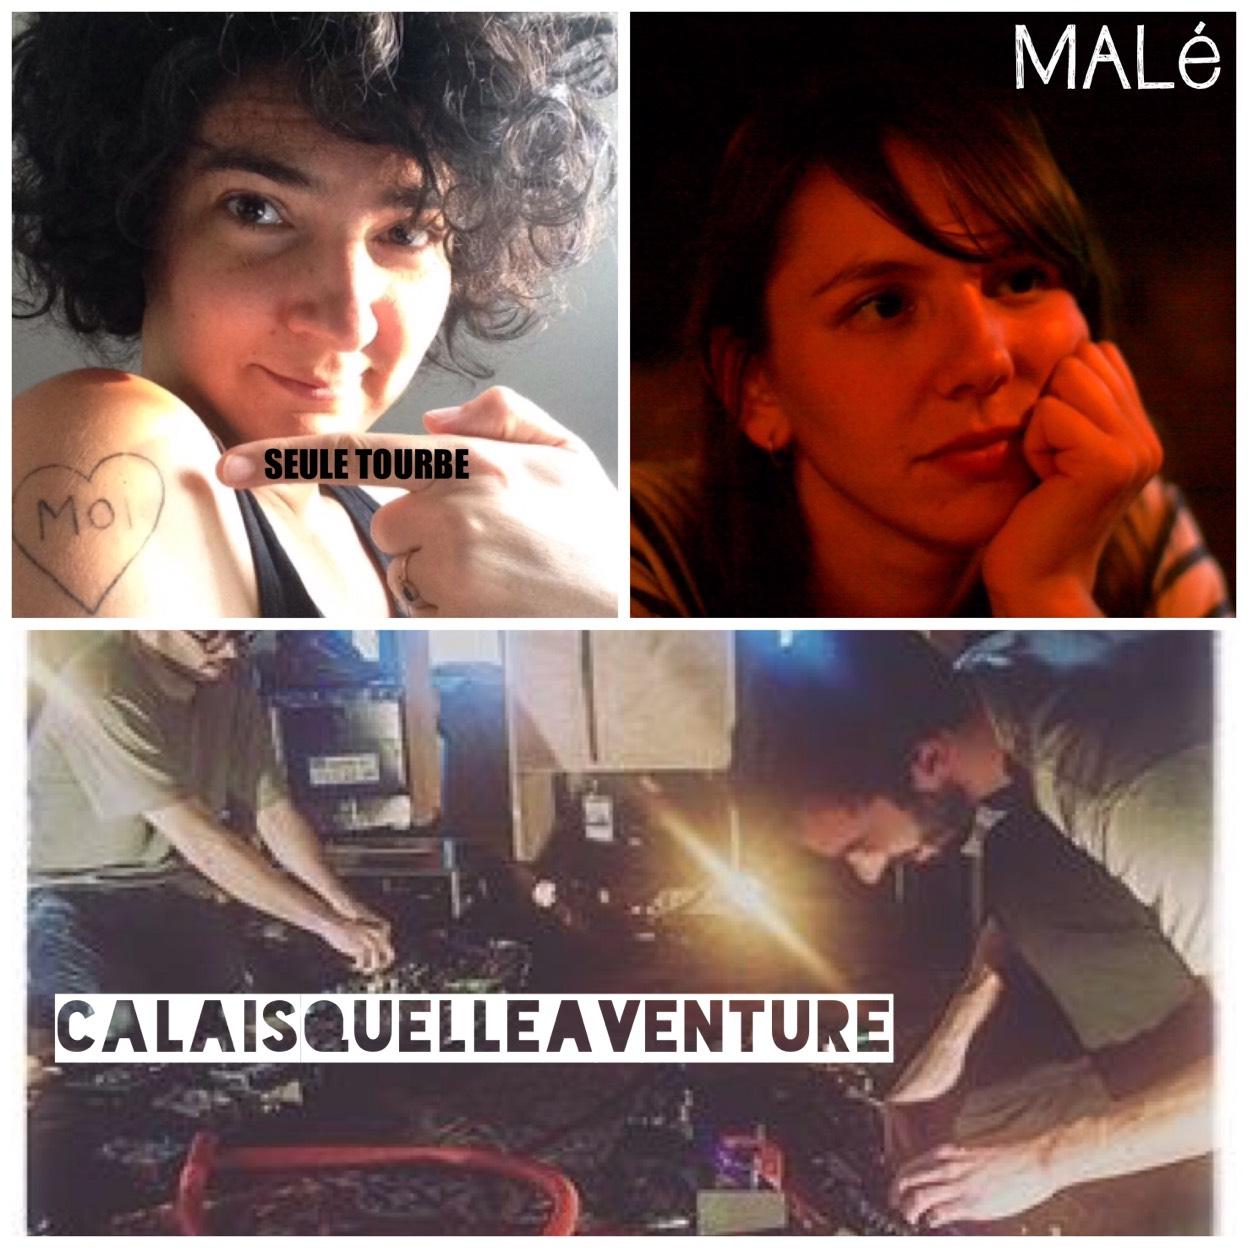 Malé + seule tourbe + calaisquelleaventure